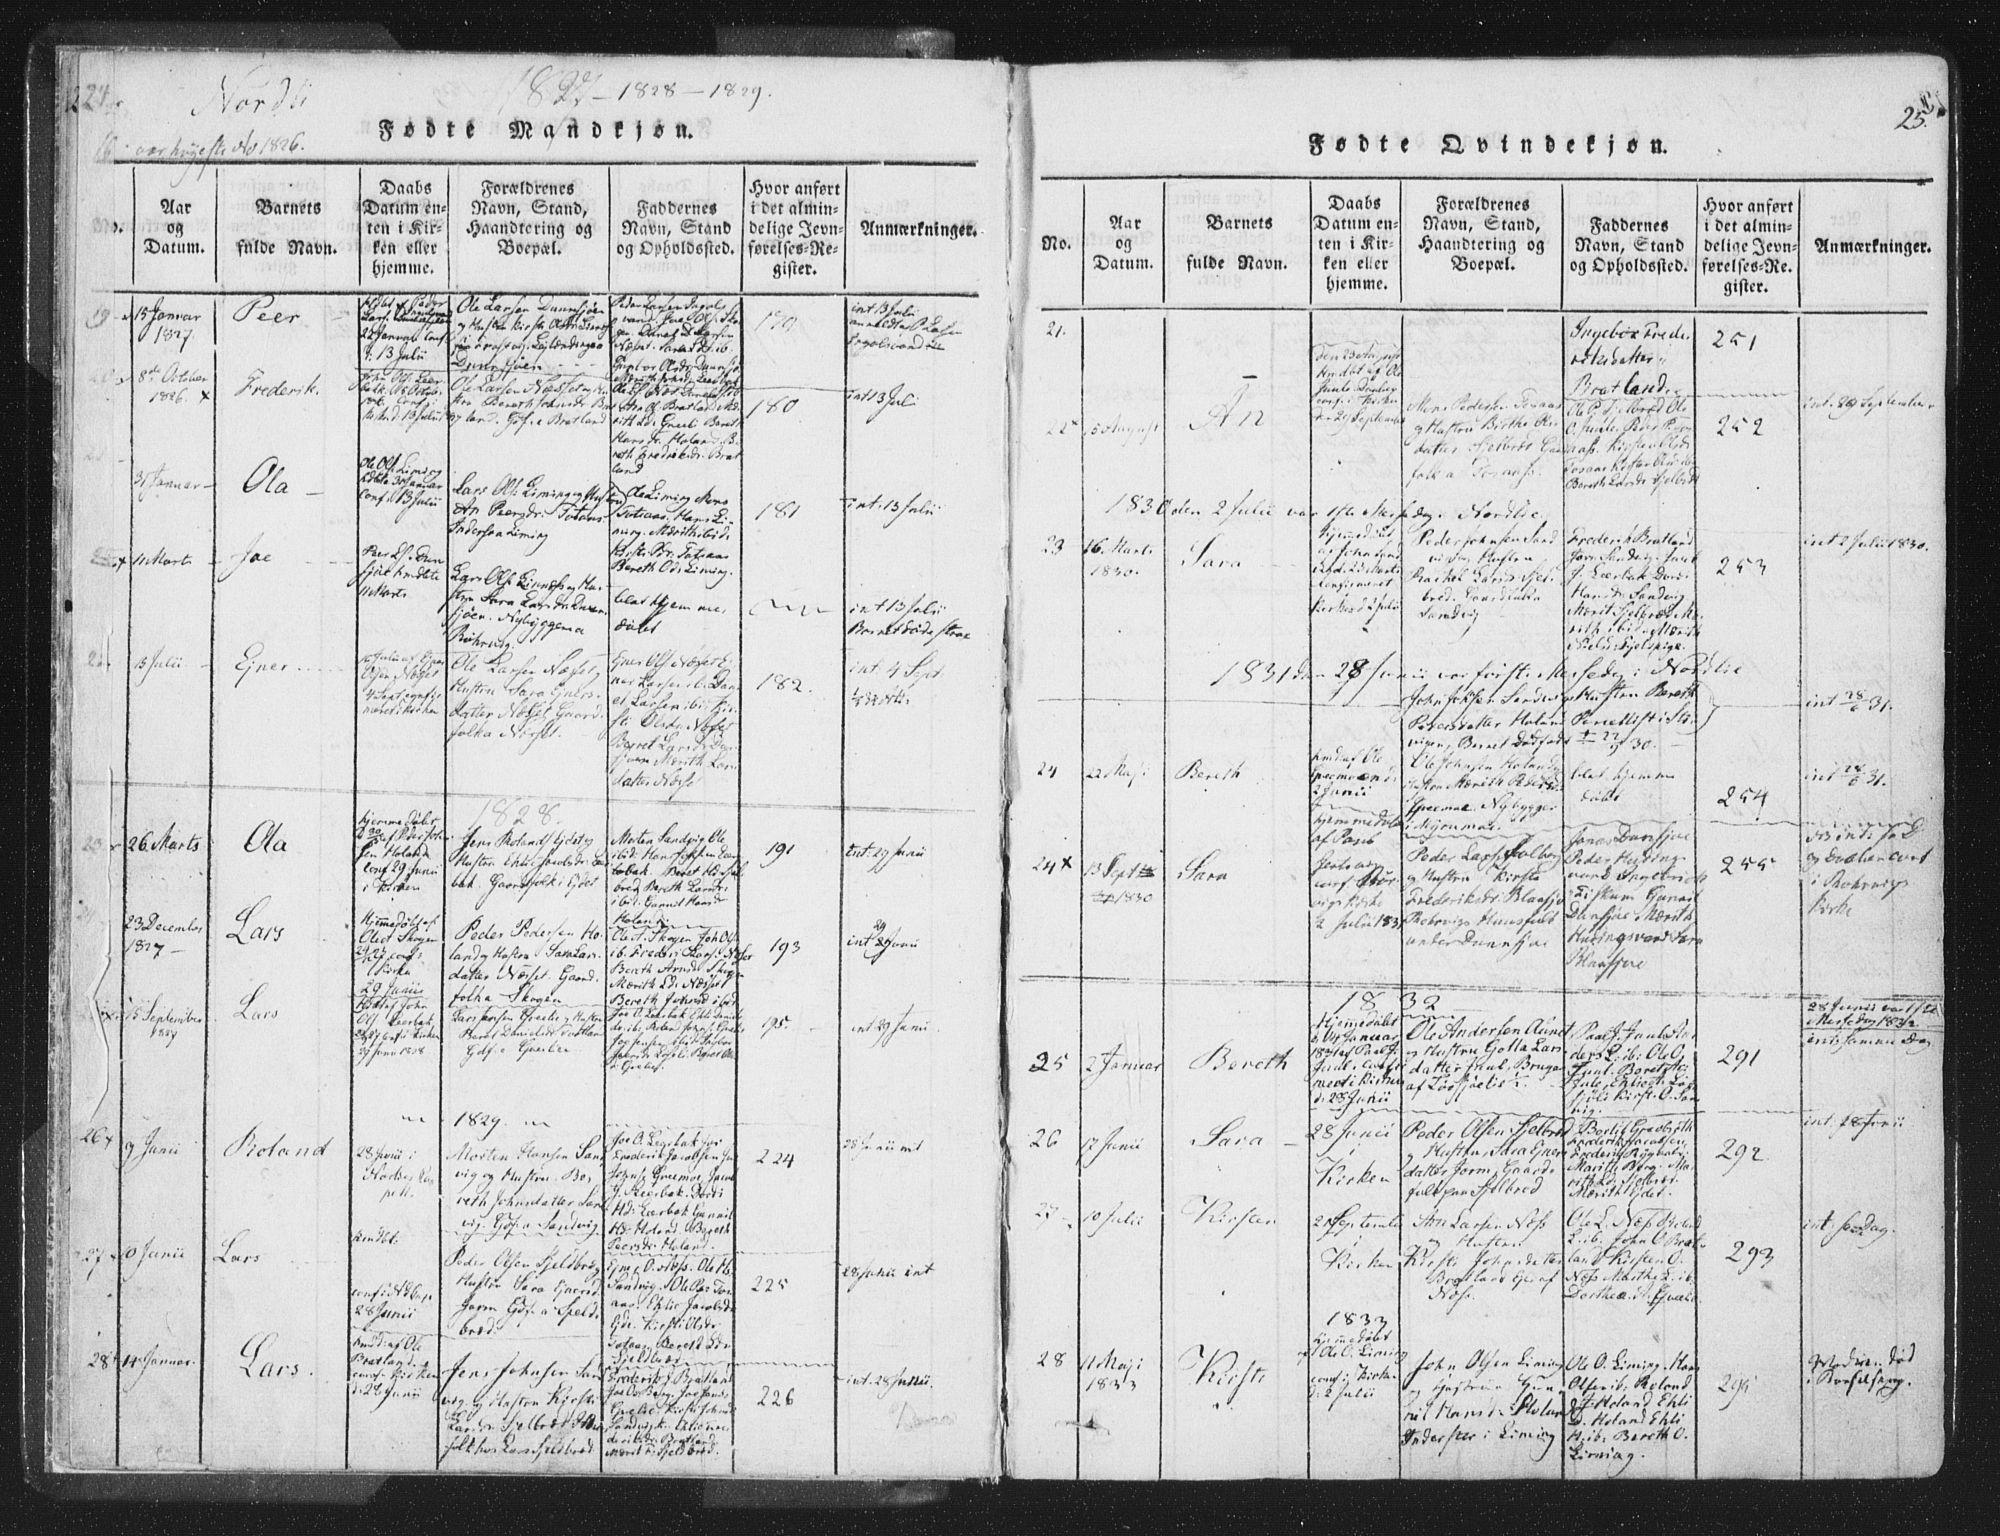 SAT, Ministerialprotokoller, klokkerbøker og fødselsregistre - Nord-Trøndelag, 755/L0491: Ministerialbok nr. 755A01 /1, 1817-1864, s. 24-25